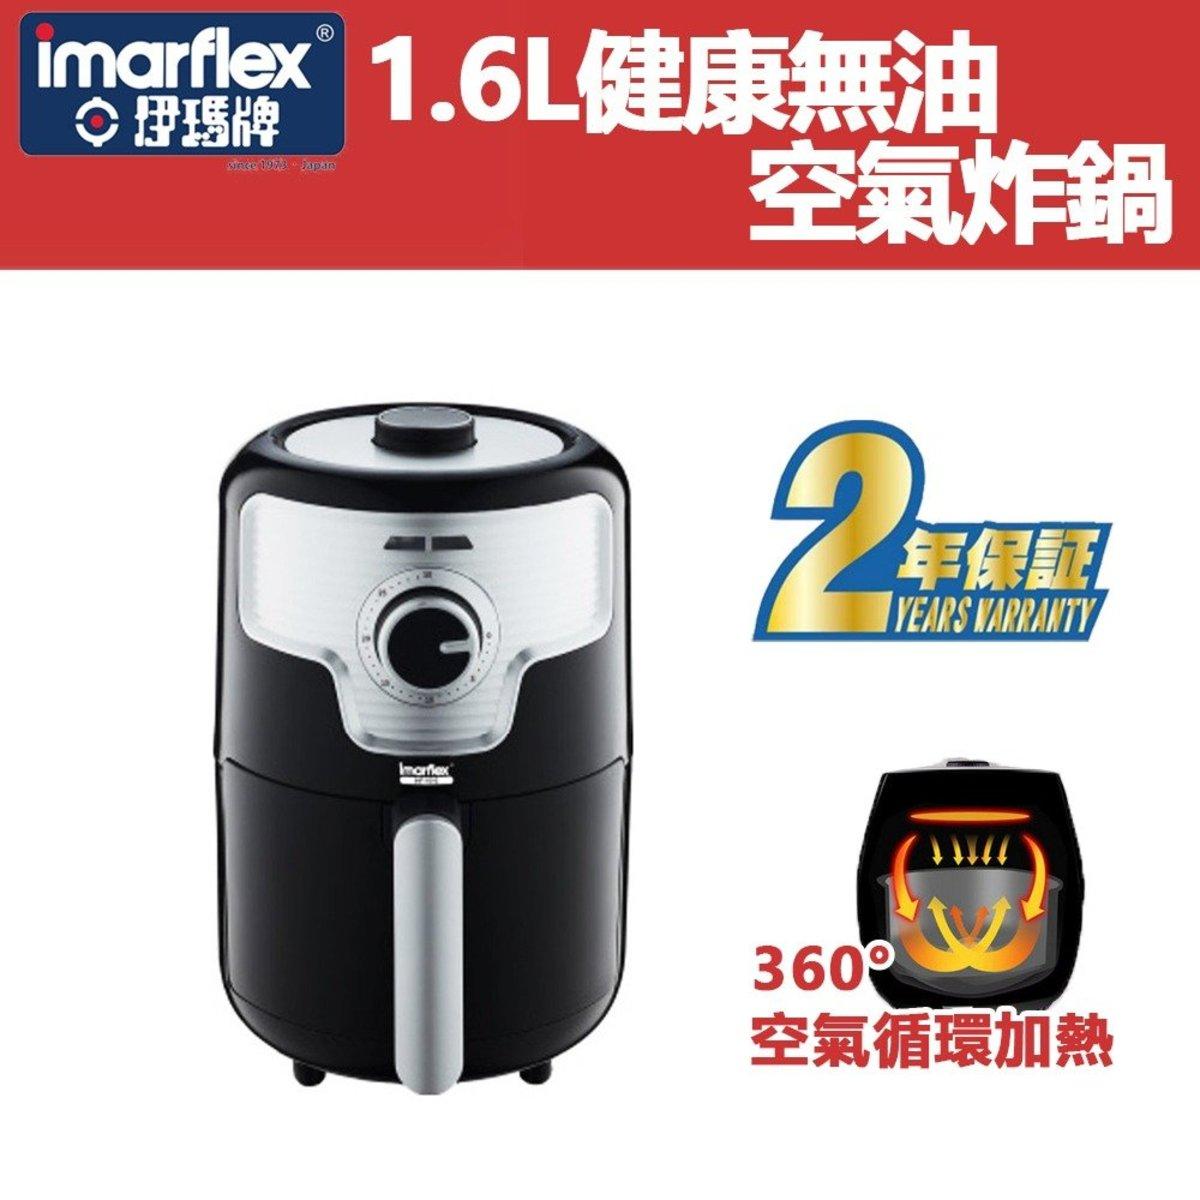 1.6L 健康無油空氣炸鍋 - IHF-1016  (原廠行貨 兩年保用)